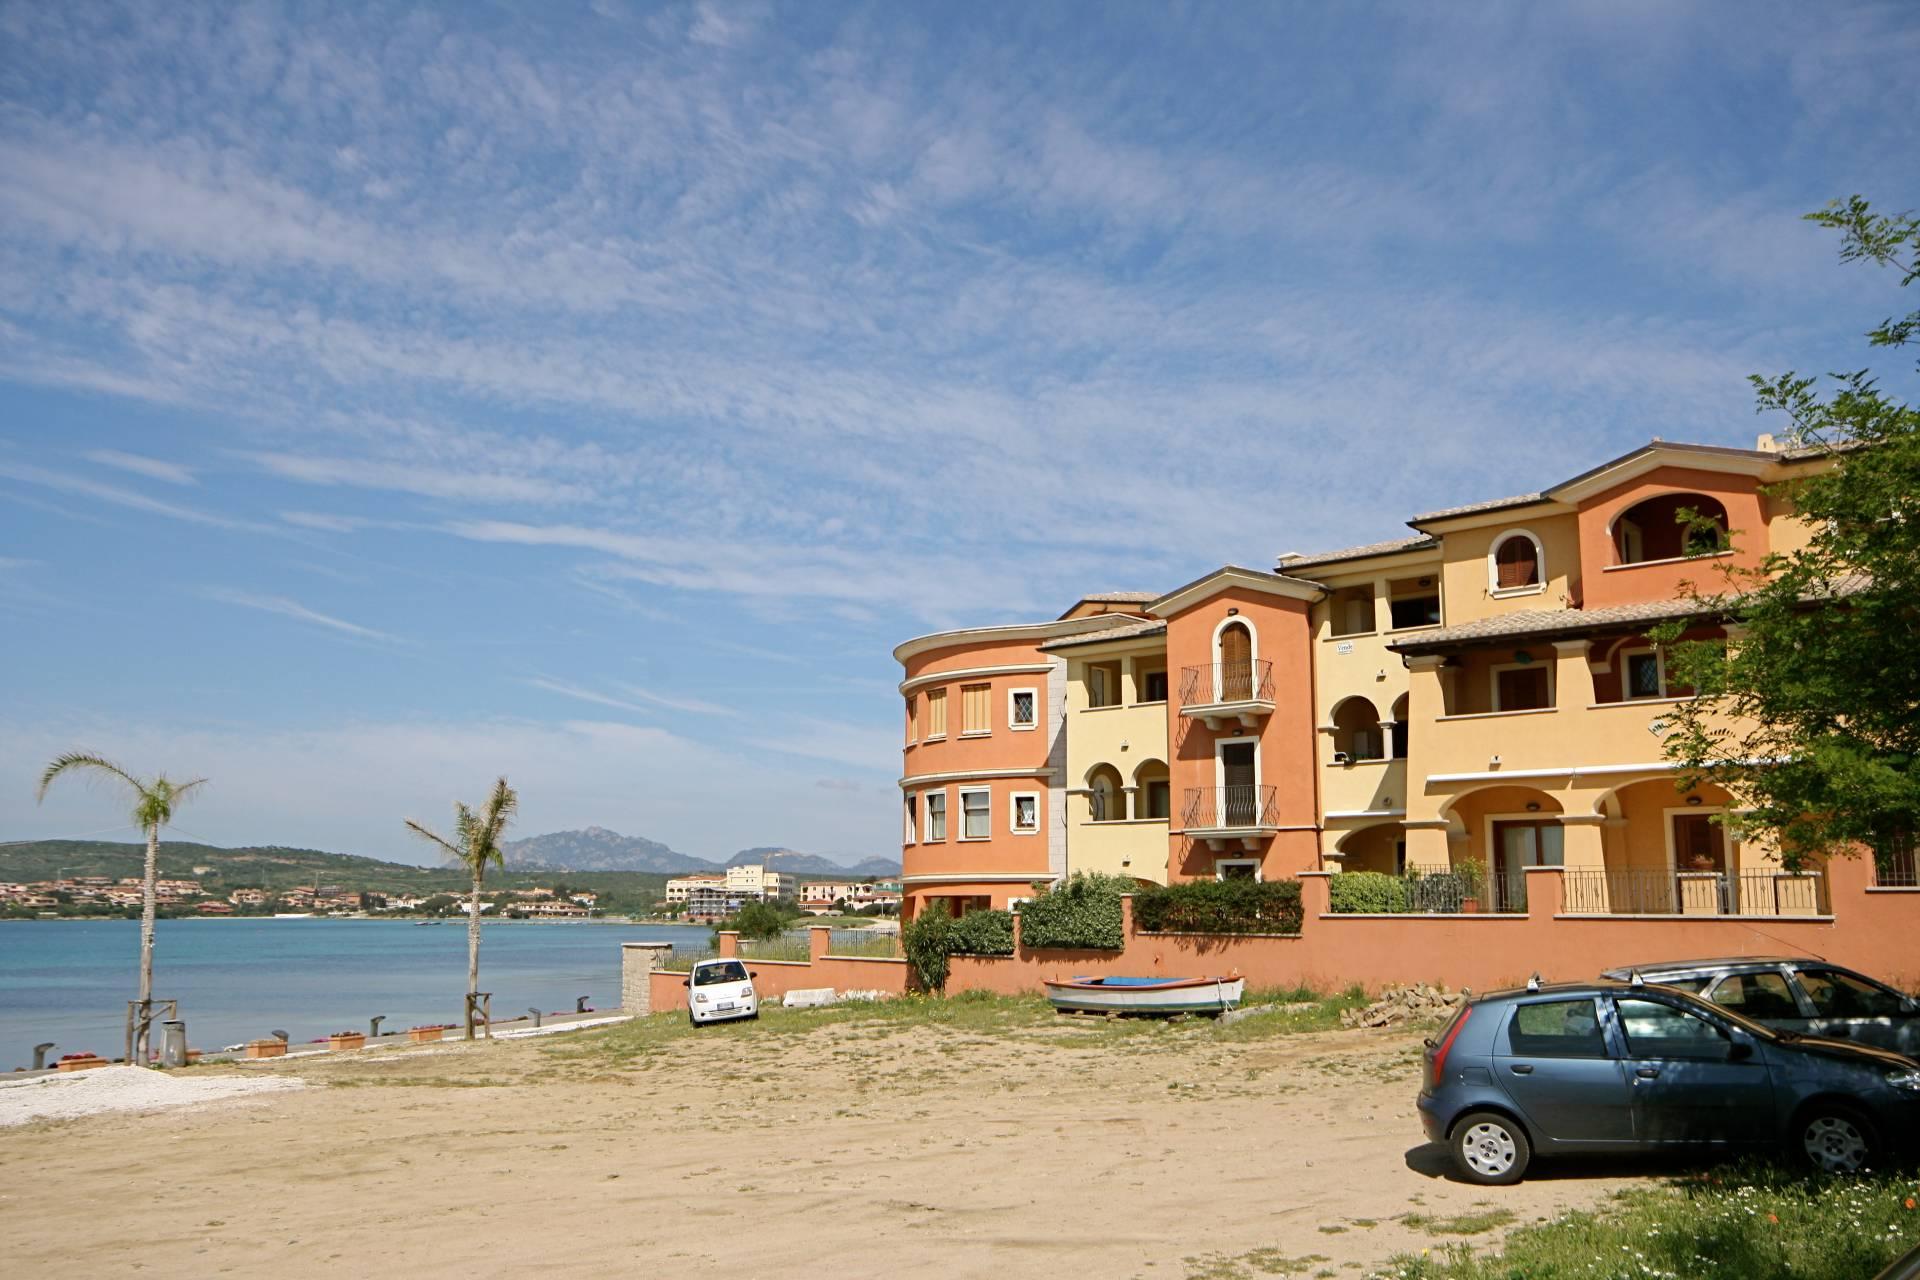 Appartamento in vendita a Golfo Aranci, 2 locali, zona Località: PAESE, prezzo € 230.000 | CambioCasa.it